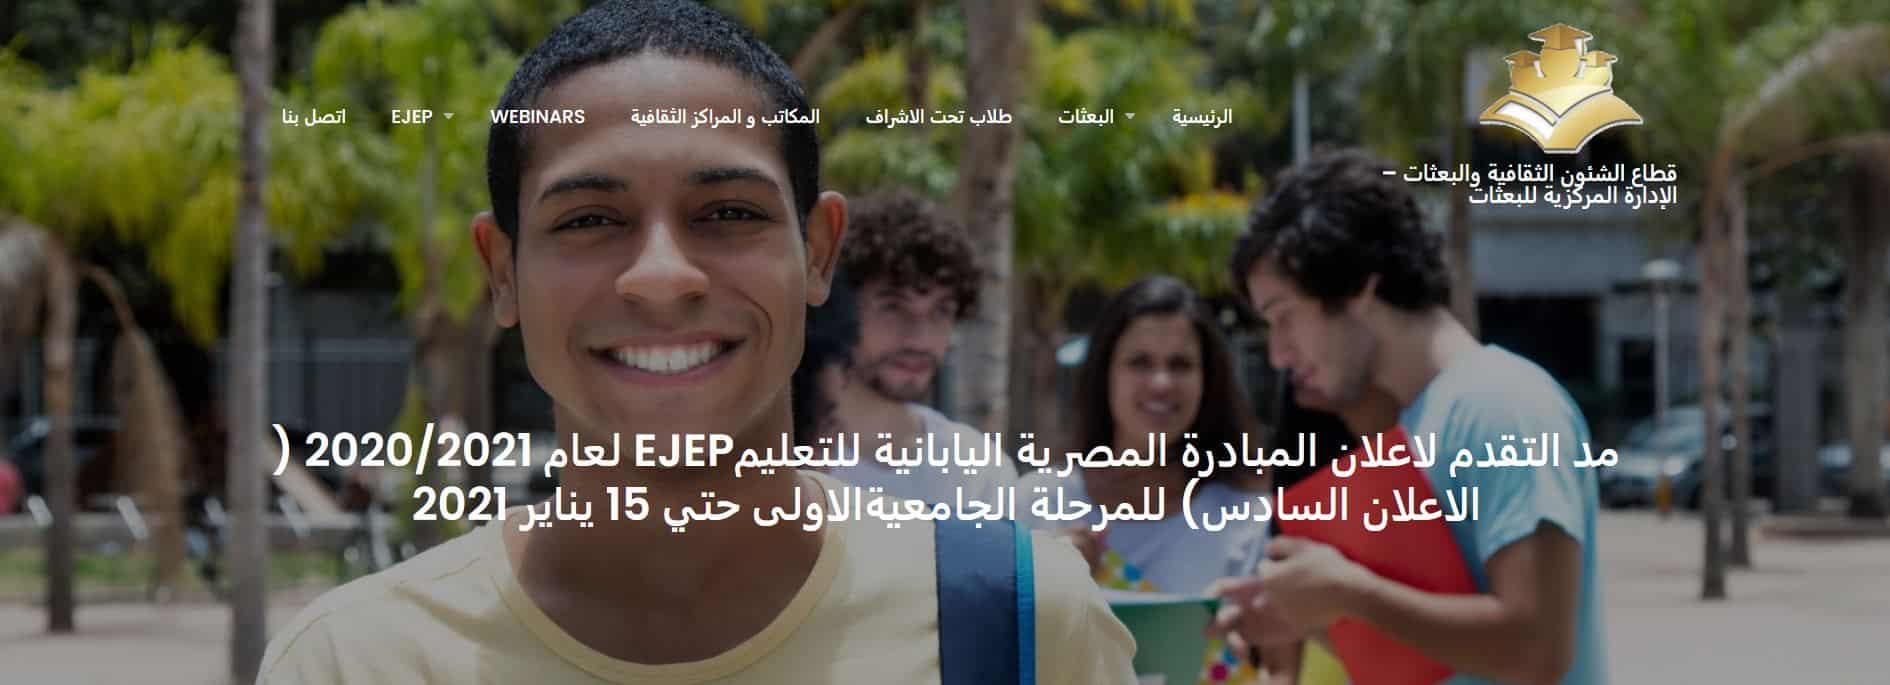 منحة المبادرة المصرية اليابانية للتعليم EJEP للمرحلة الجامعية 2021 (ممولة بالكامل)